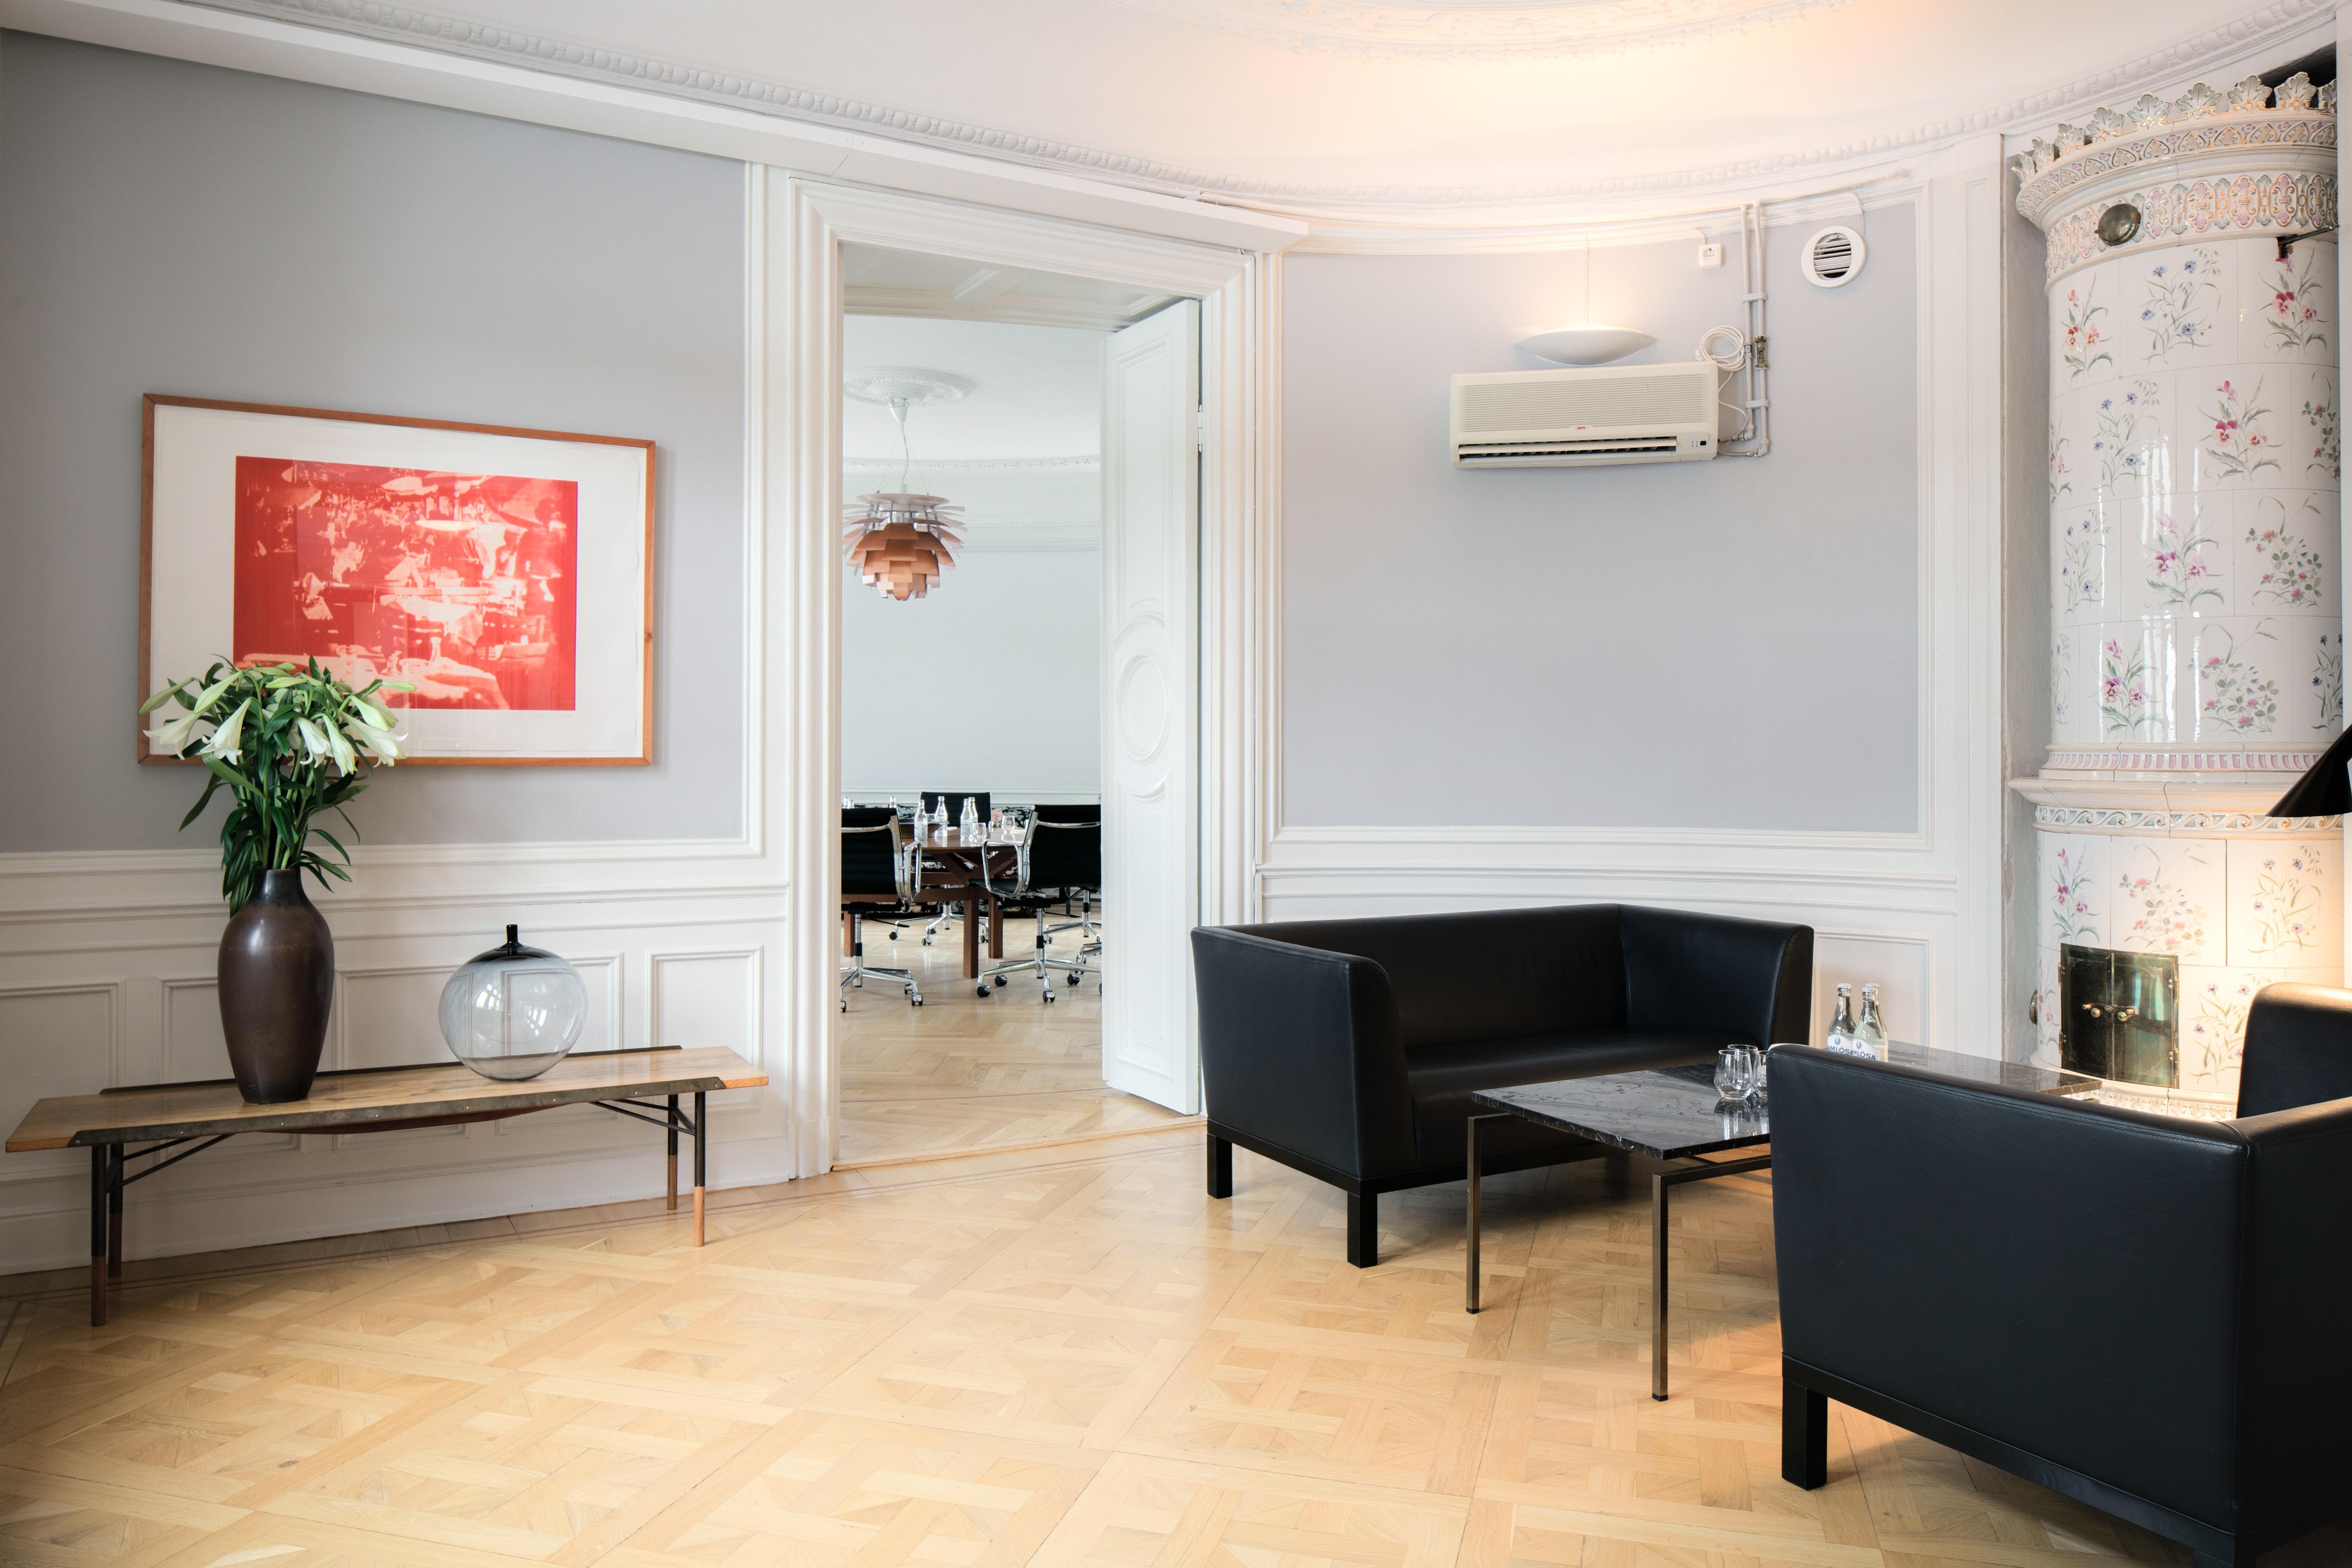 Kontor i stockholm, 114 34 stockholm, sverige. kontor på stureplan